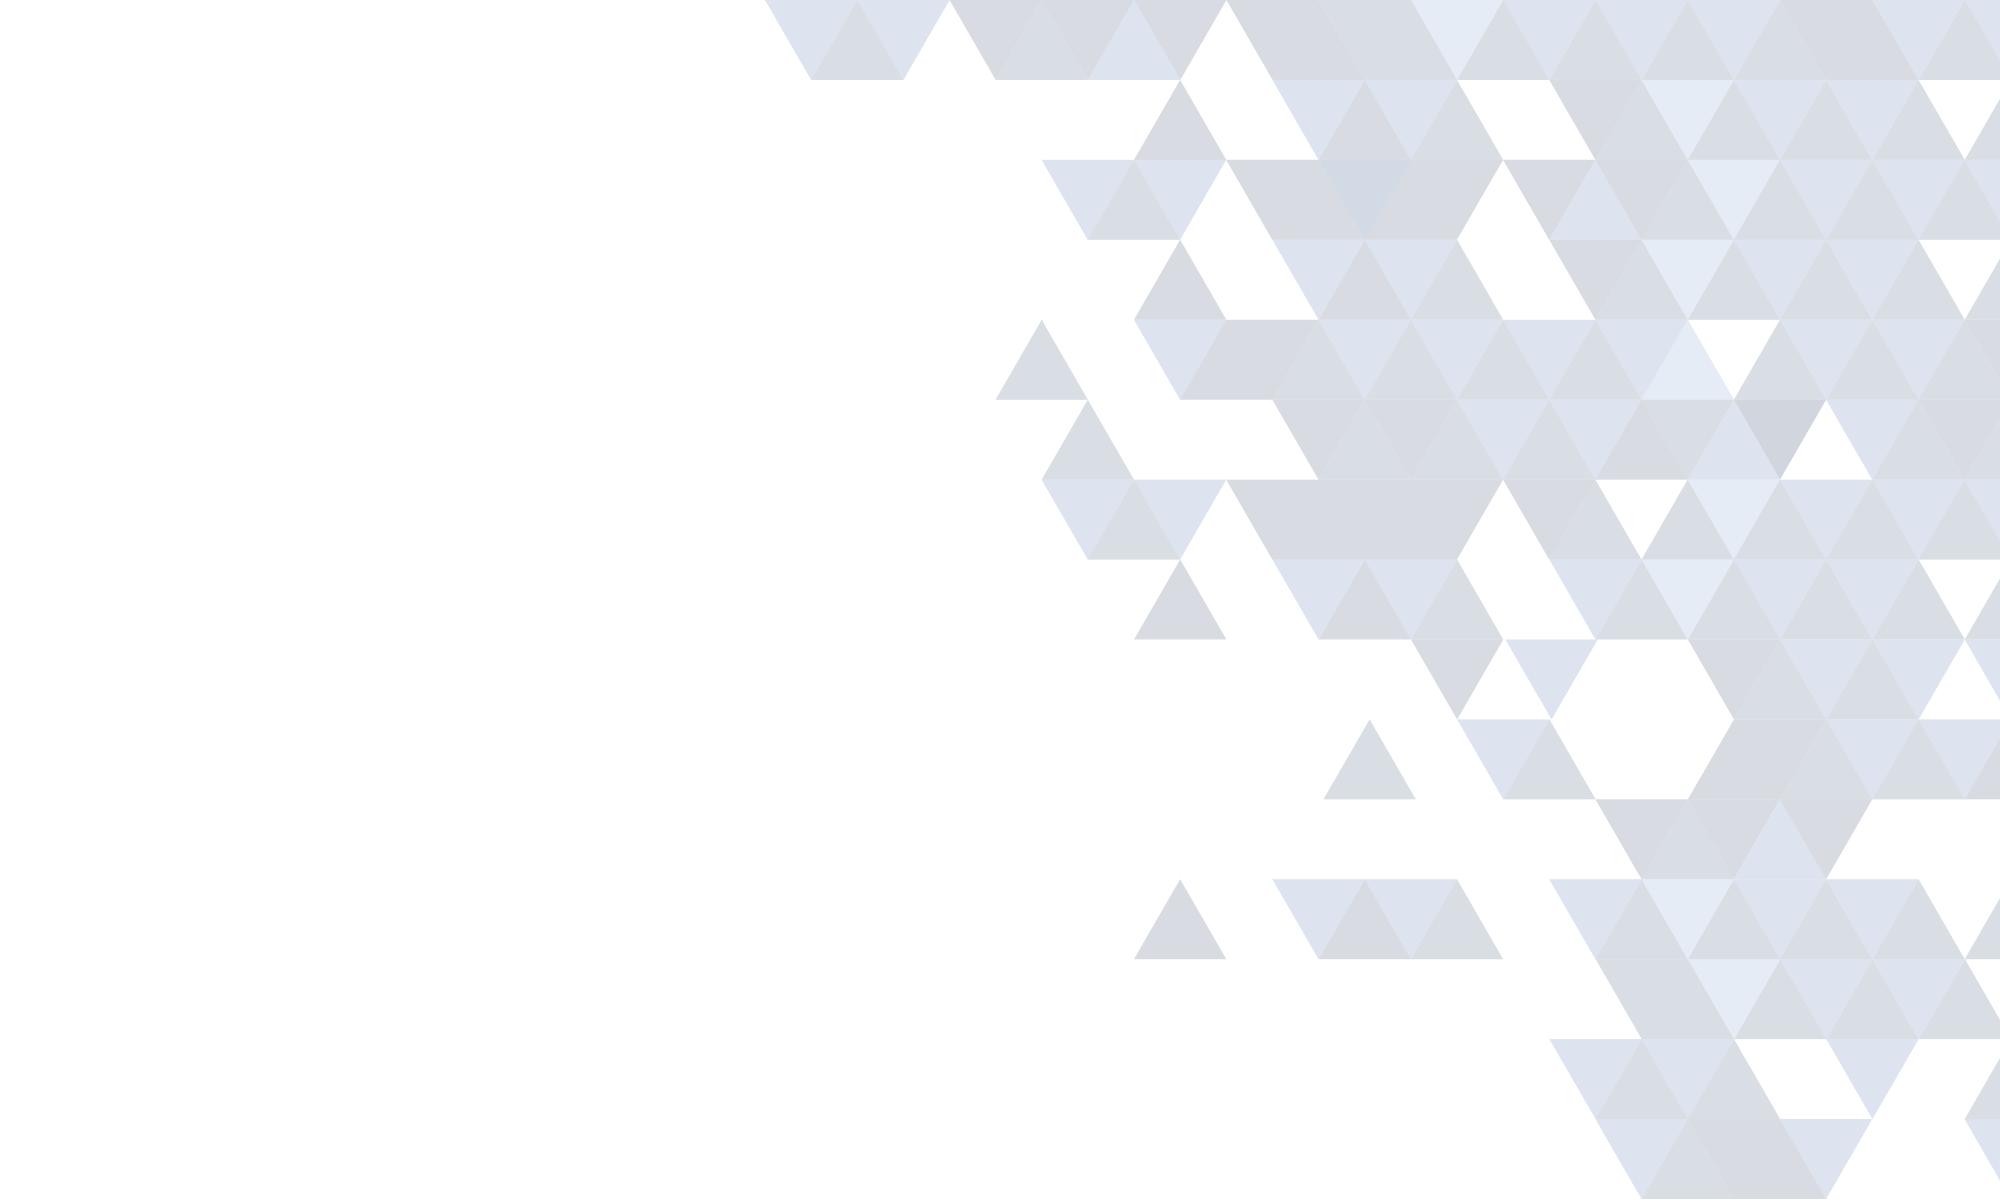 CIDEP - Centro para la Integración y el Derecho Público